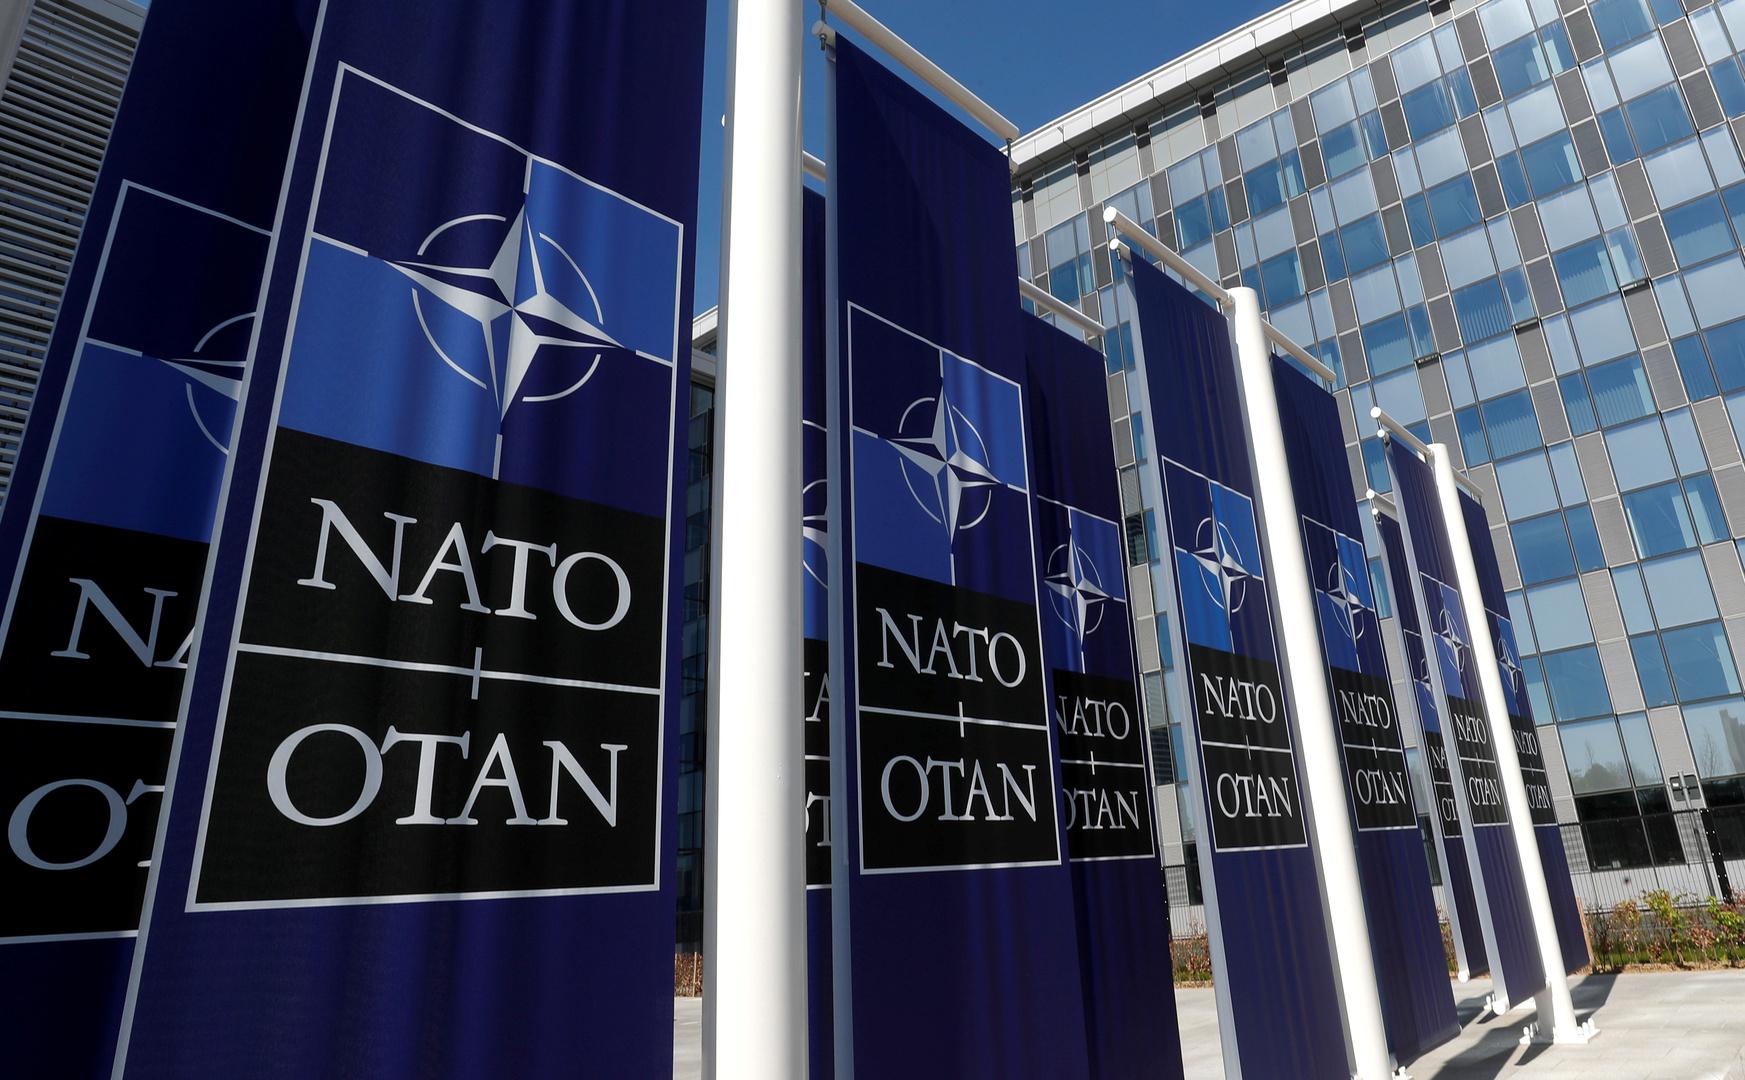 مقر الناتو في بروكسل